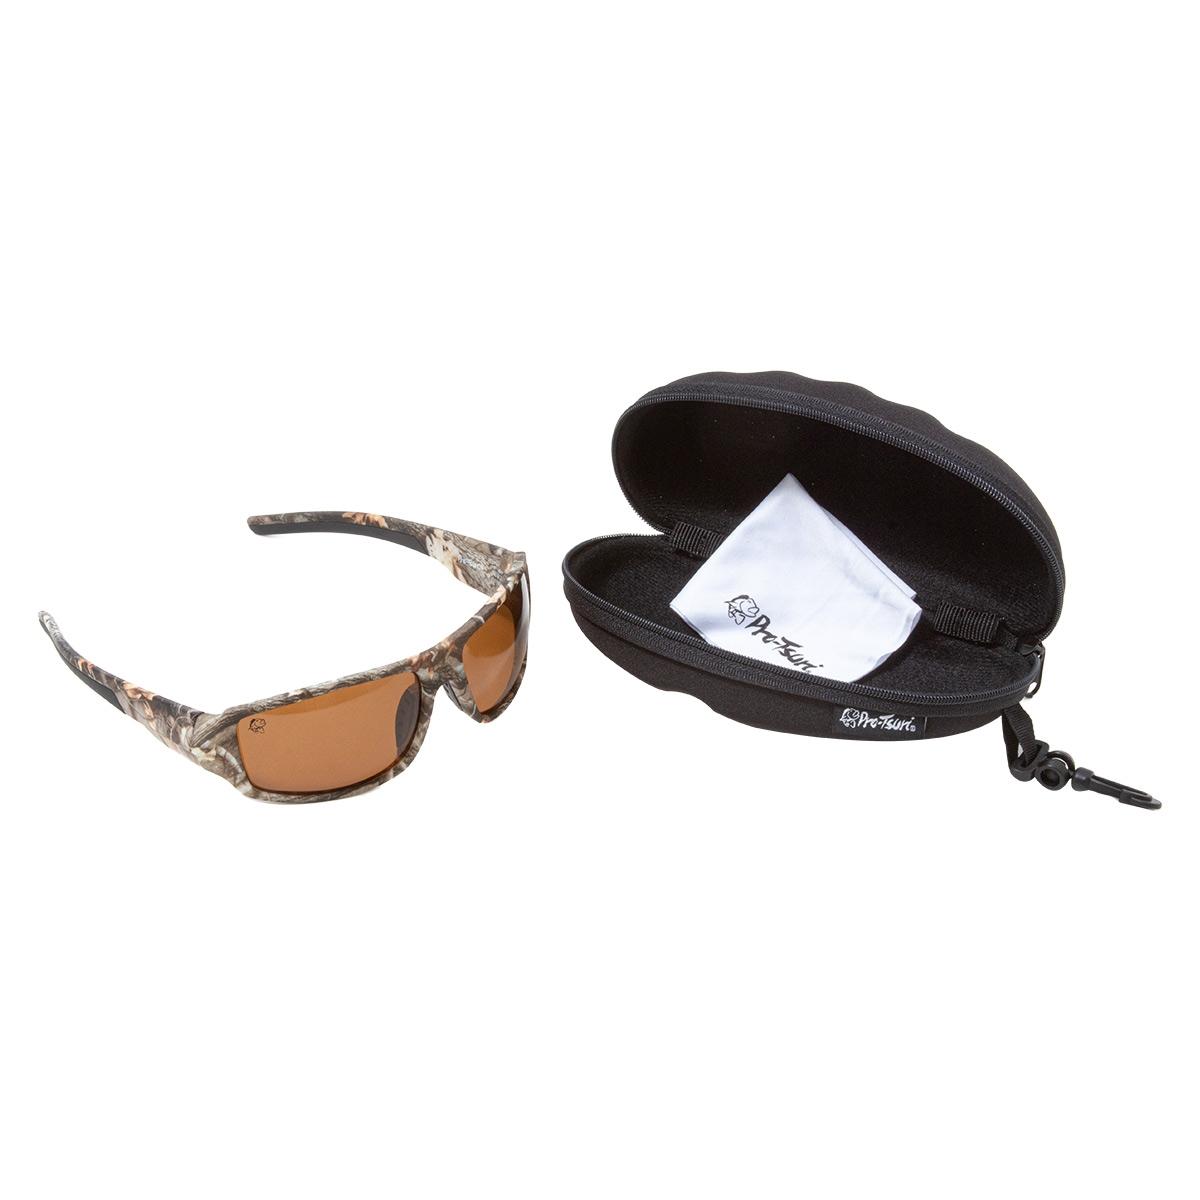 Óculos Polarizado Pro-Tsuri Vorax - Camuflado Fosco 10P0043  - Pesca Adventure